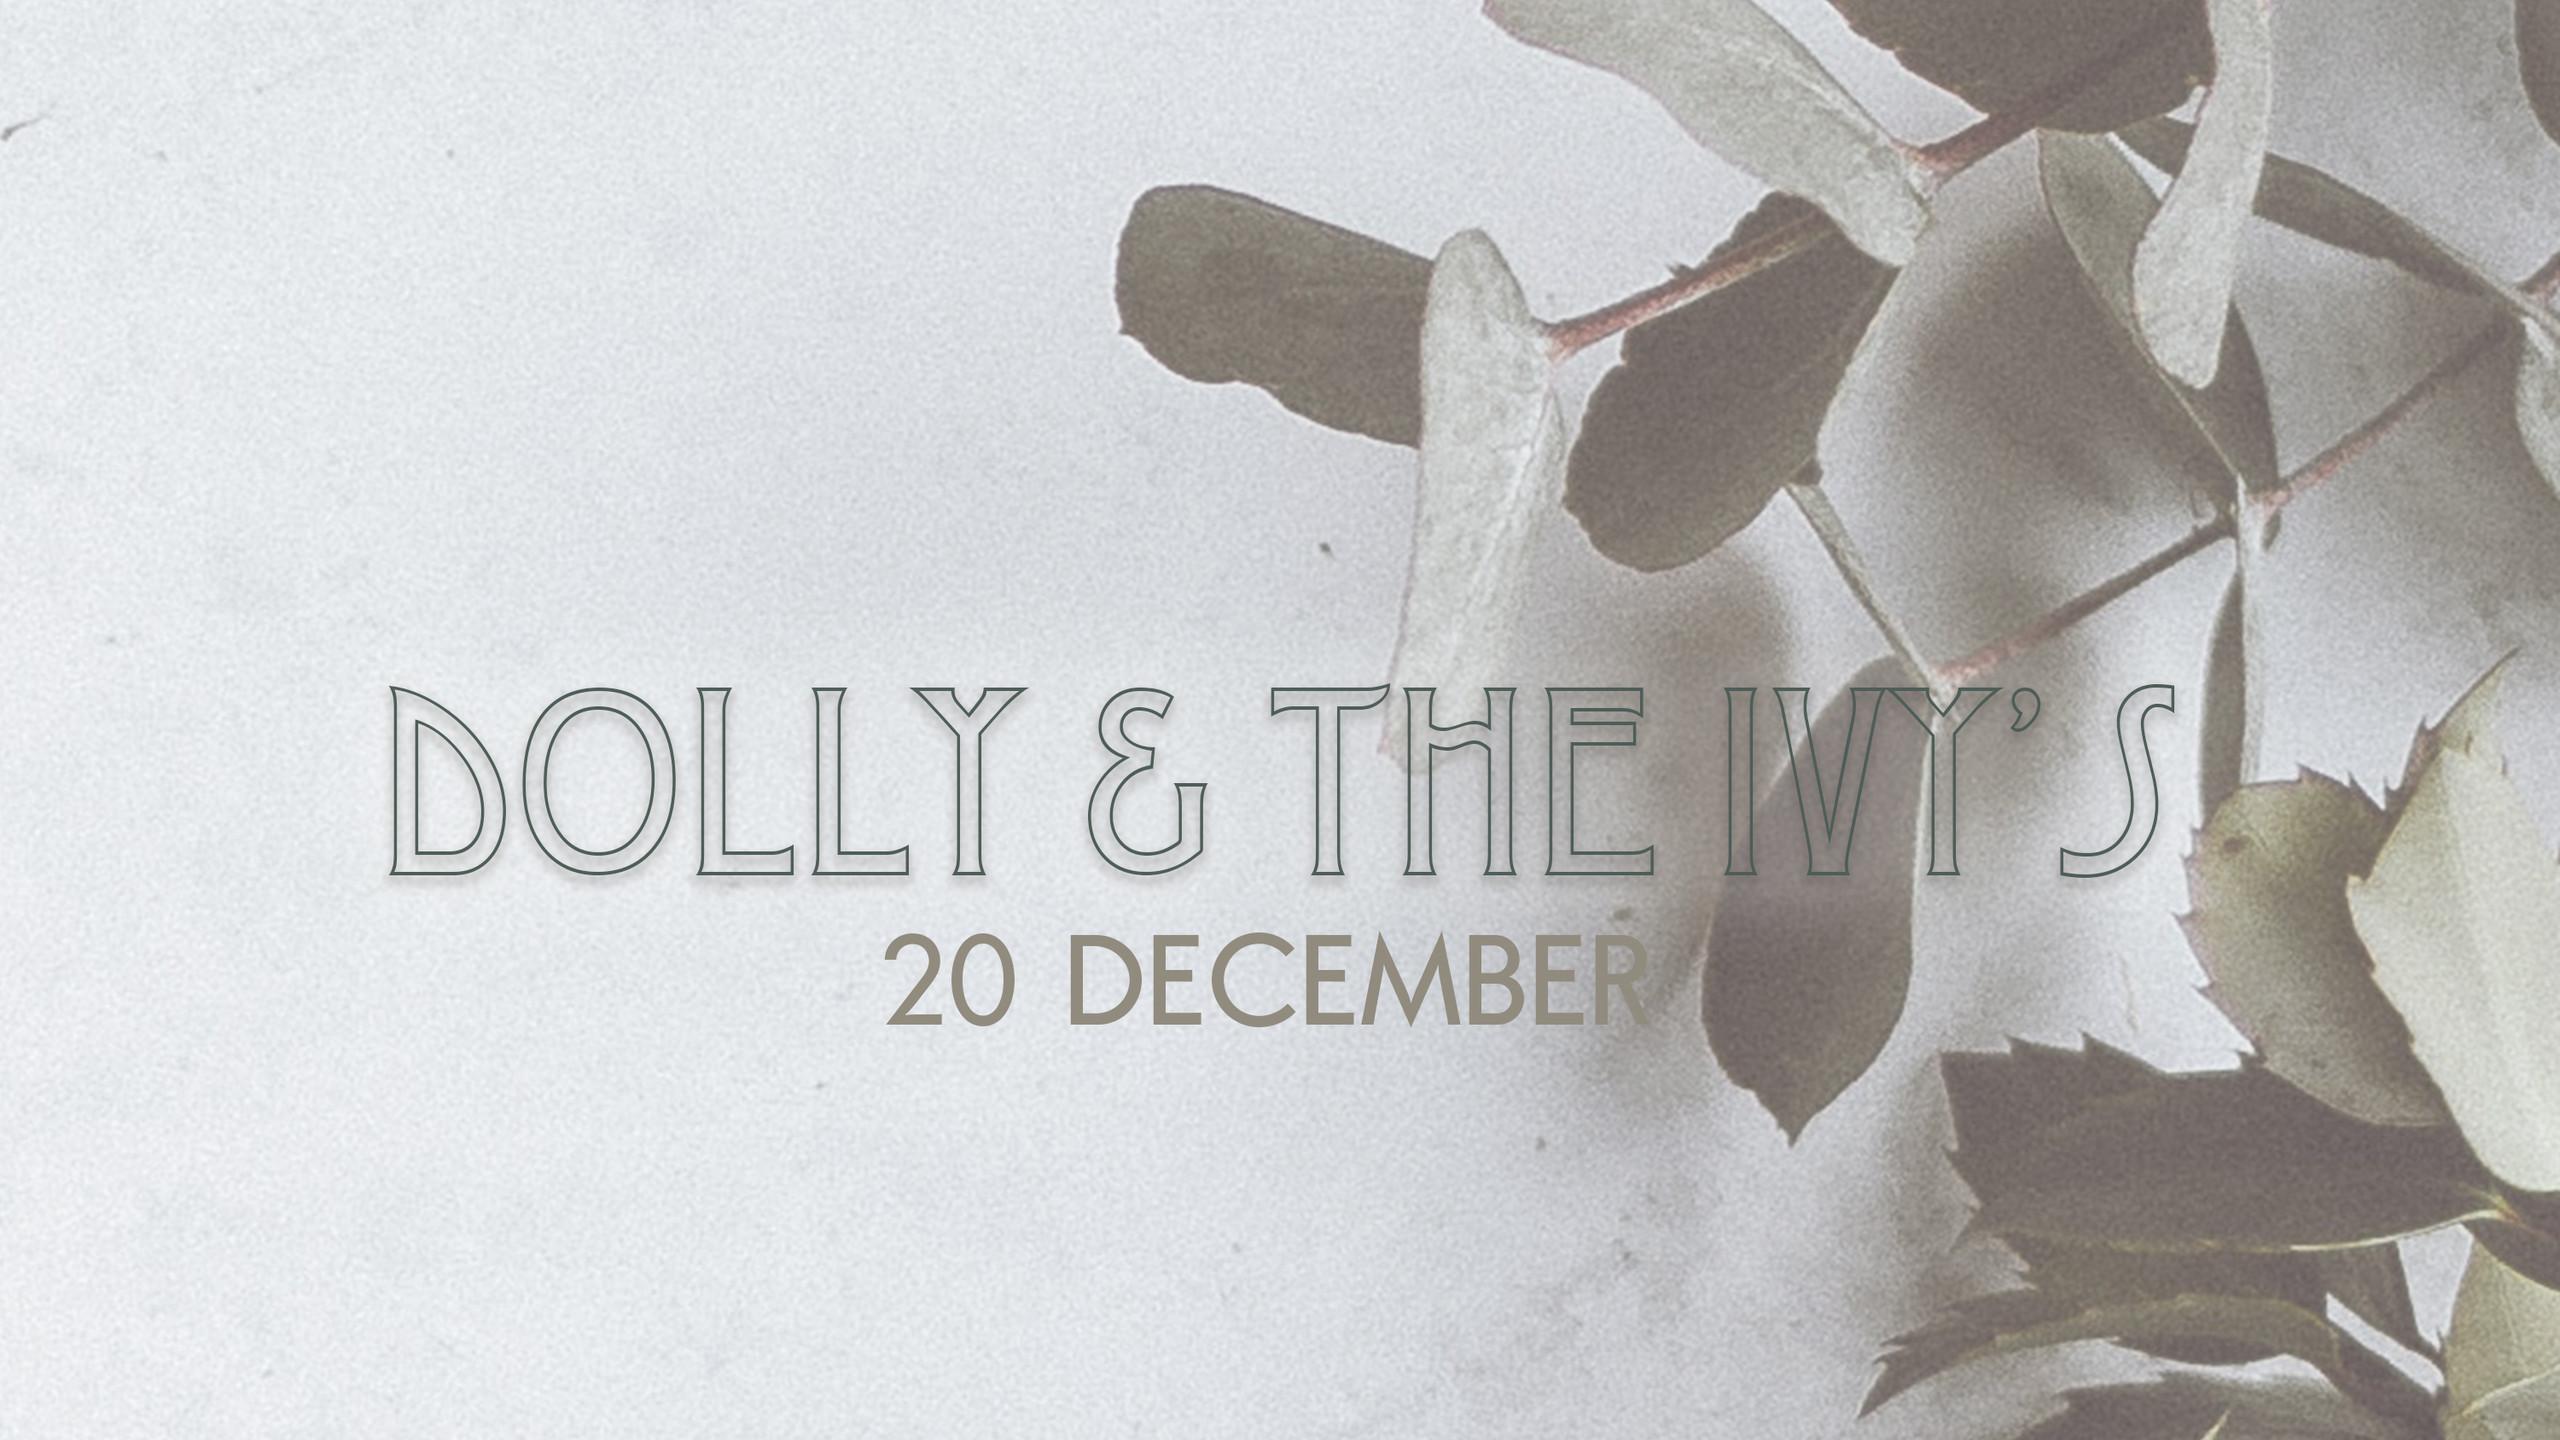 Dolly Mavies 2018 Highlights